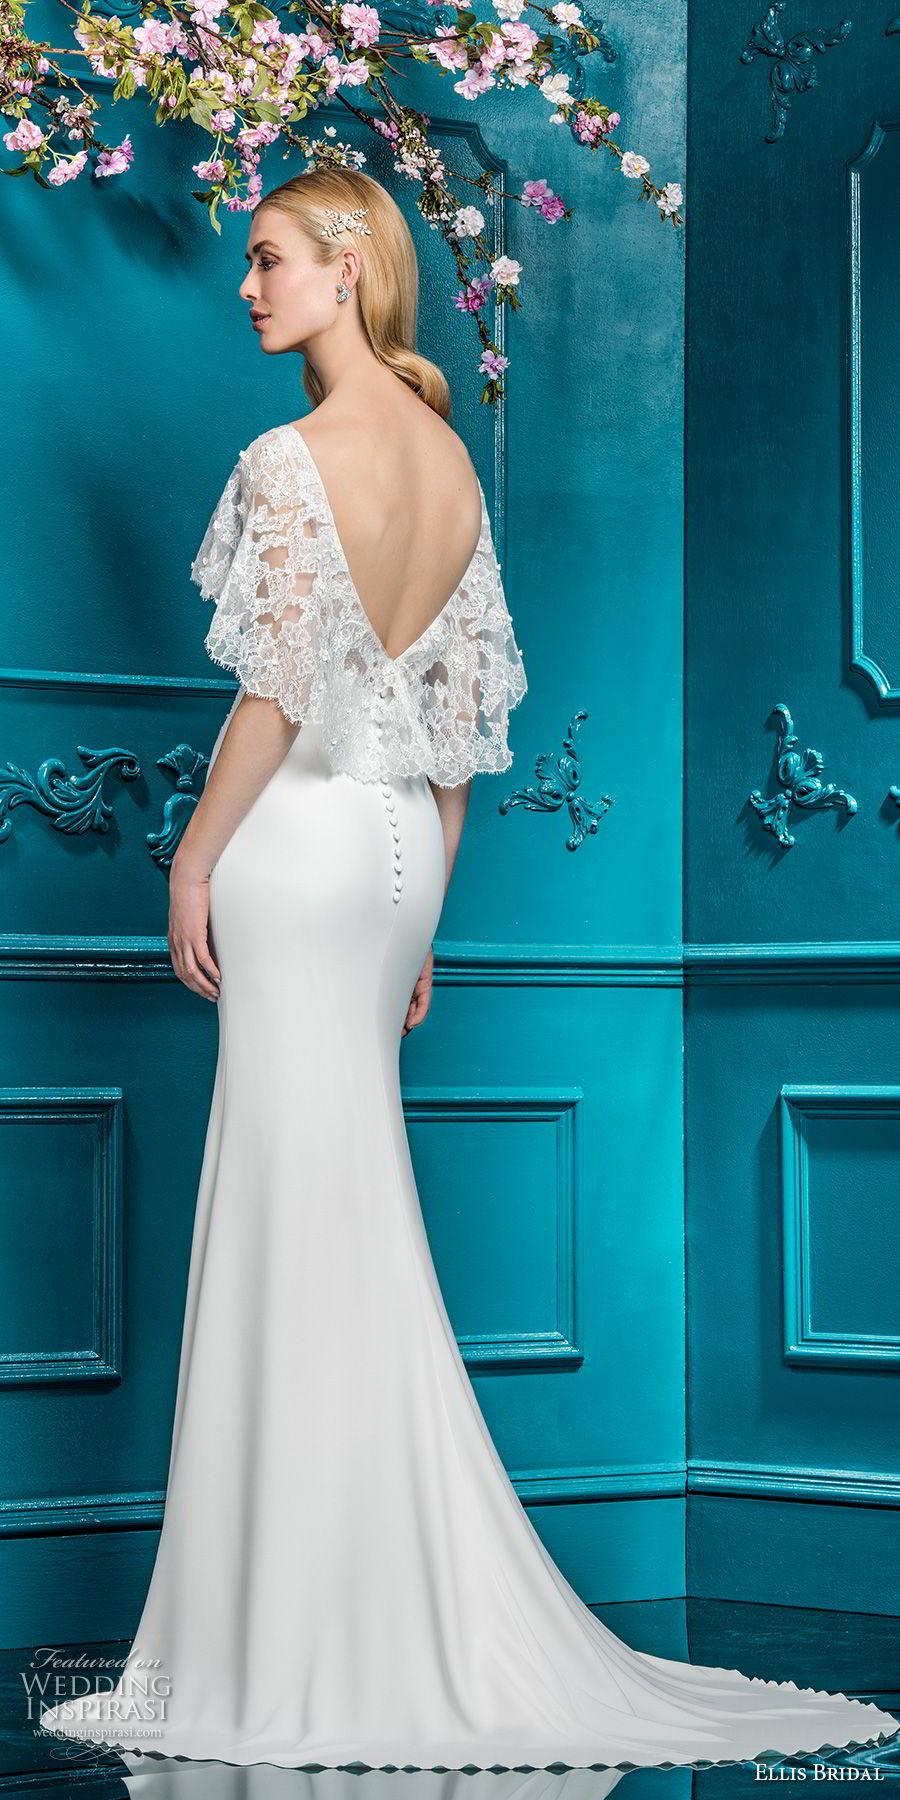 ellis bridals 2018 short flutter sleeves illusion boat sweetheart neckline heavily embellished bodice elegant sheath wedding dress open v back sweep train (14) bv